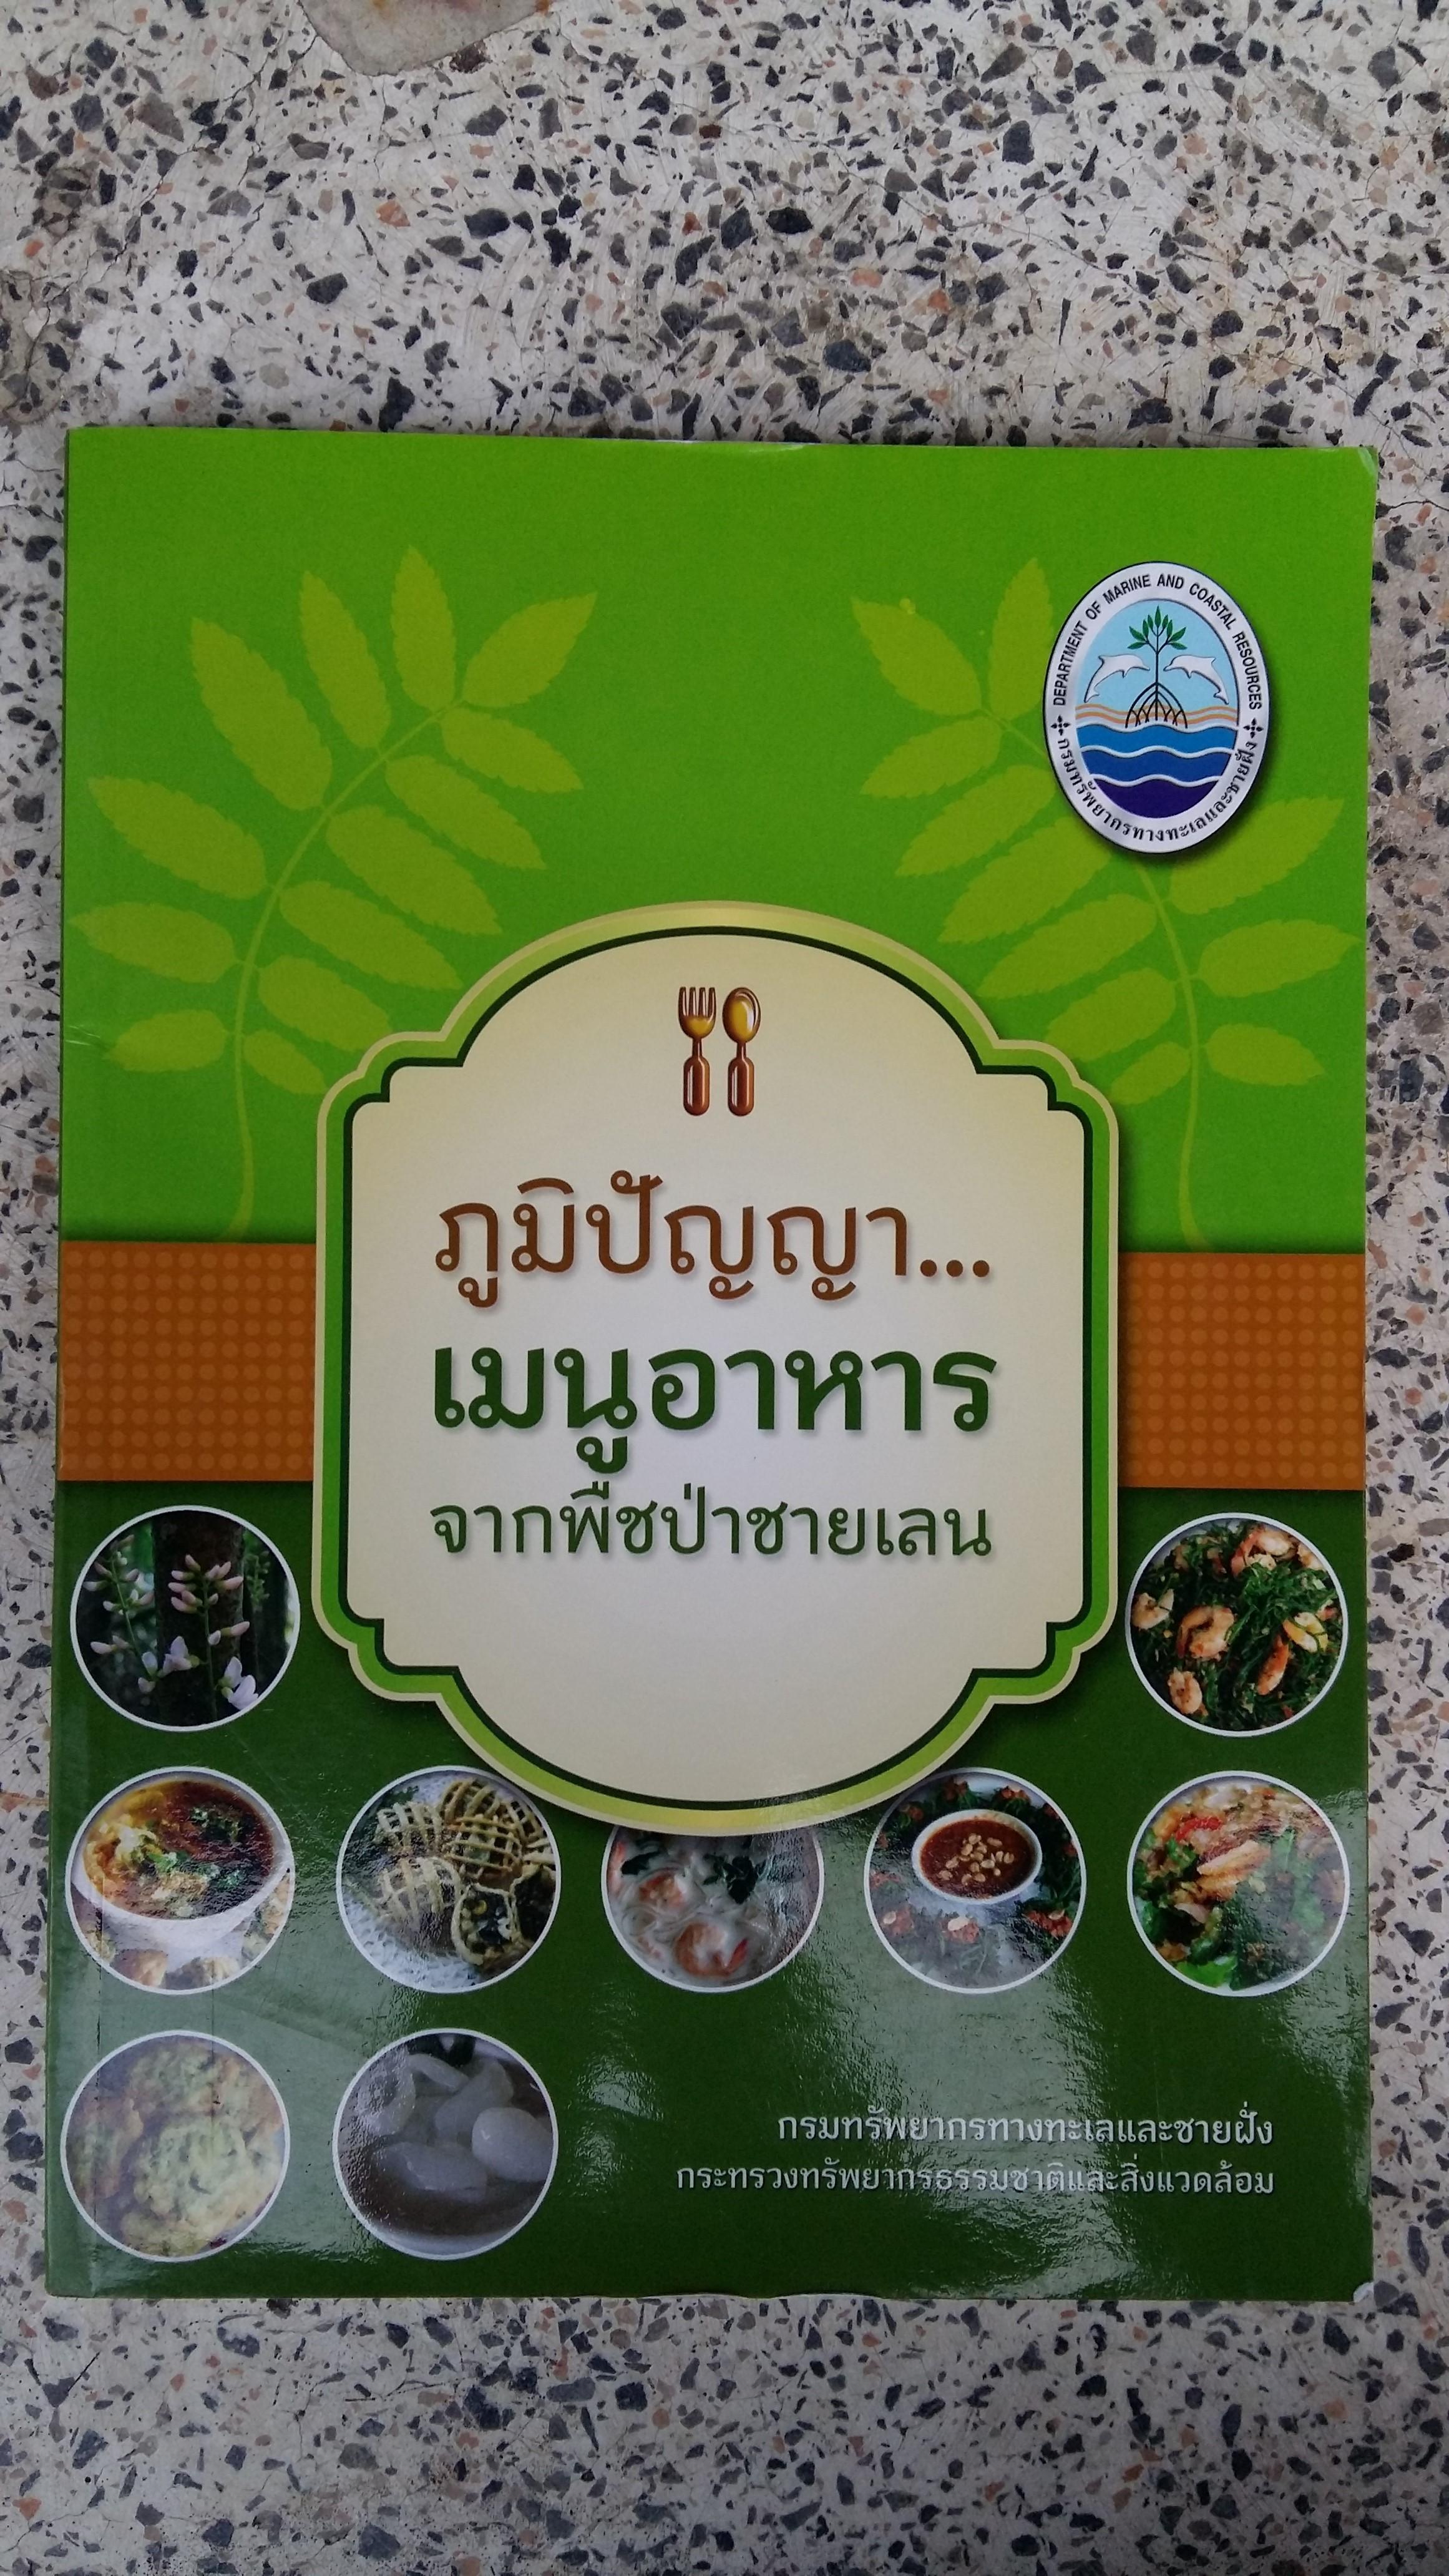 ภูมิปัญญาเมนูอาหารจากพืชป่าชายเลน / กรมทรัพยากรทางทะเลและชายฝั่ง